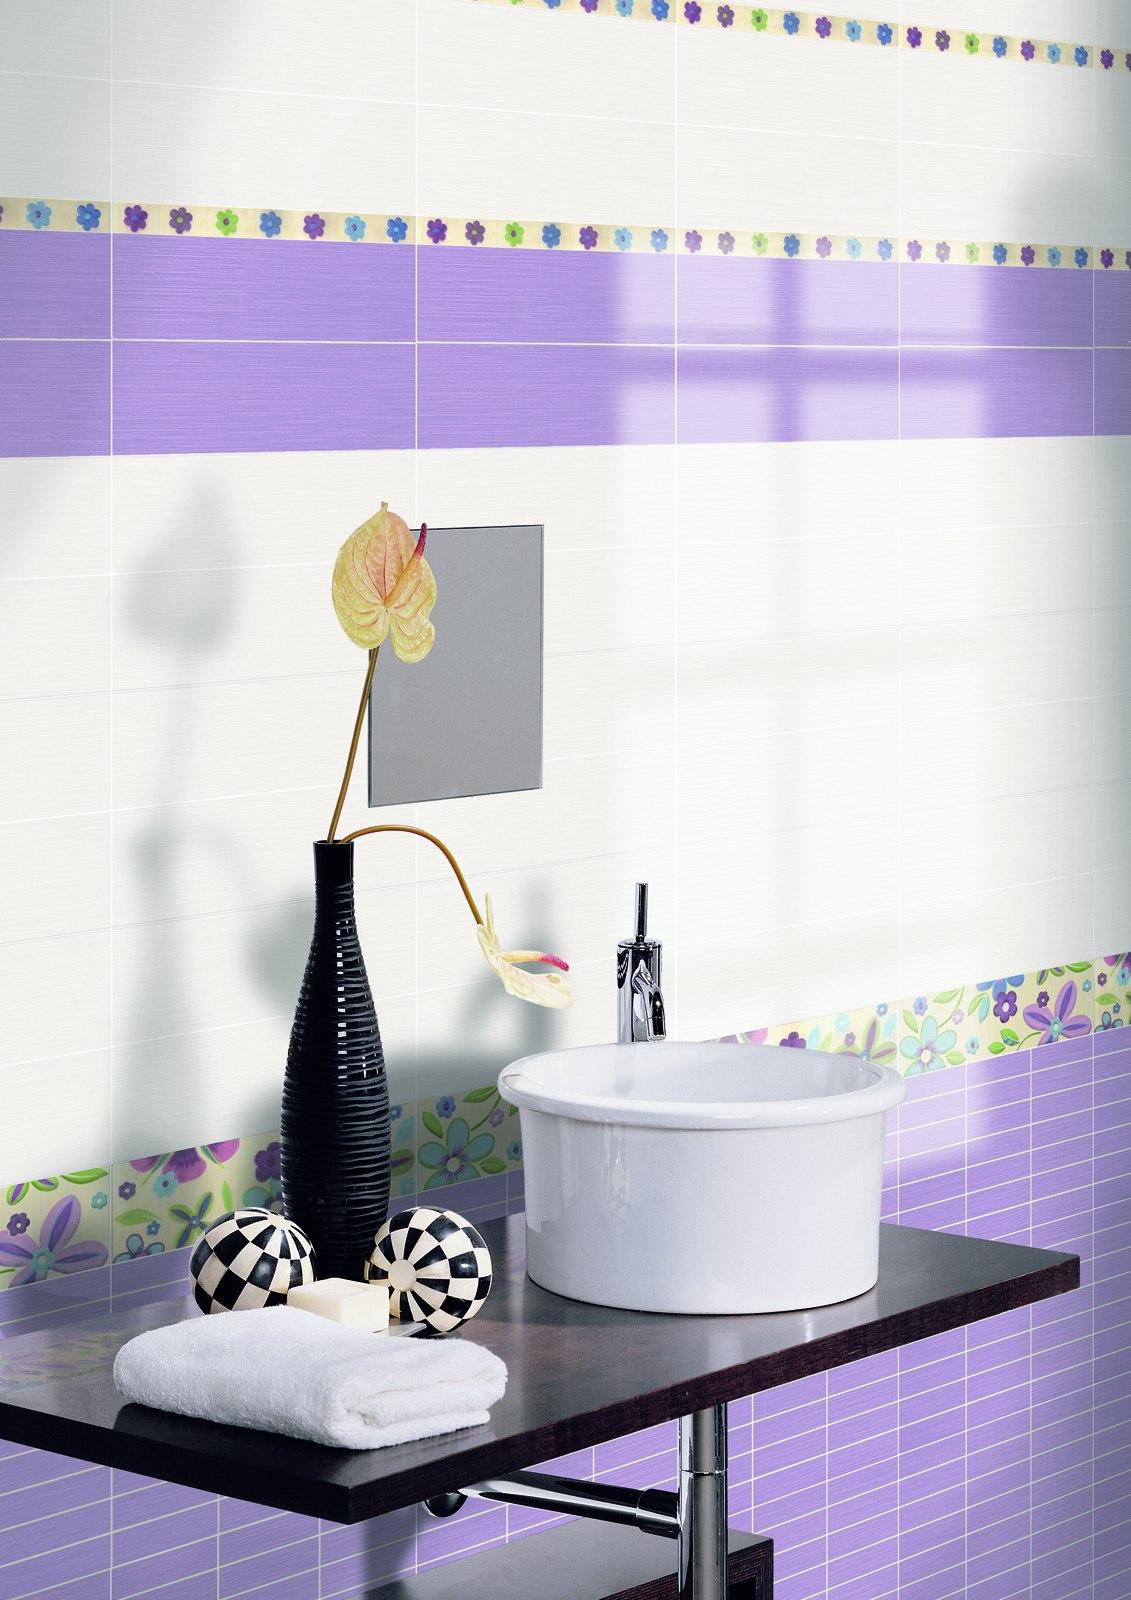 Carrelage violet voir les collections marazzi for Carrelage mural salle de bain violet